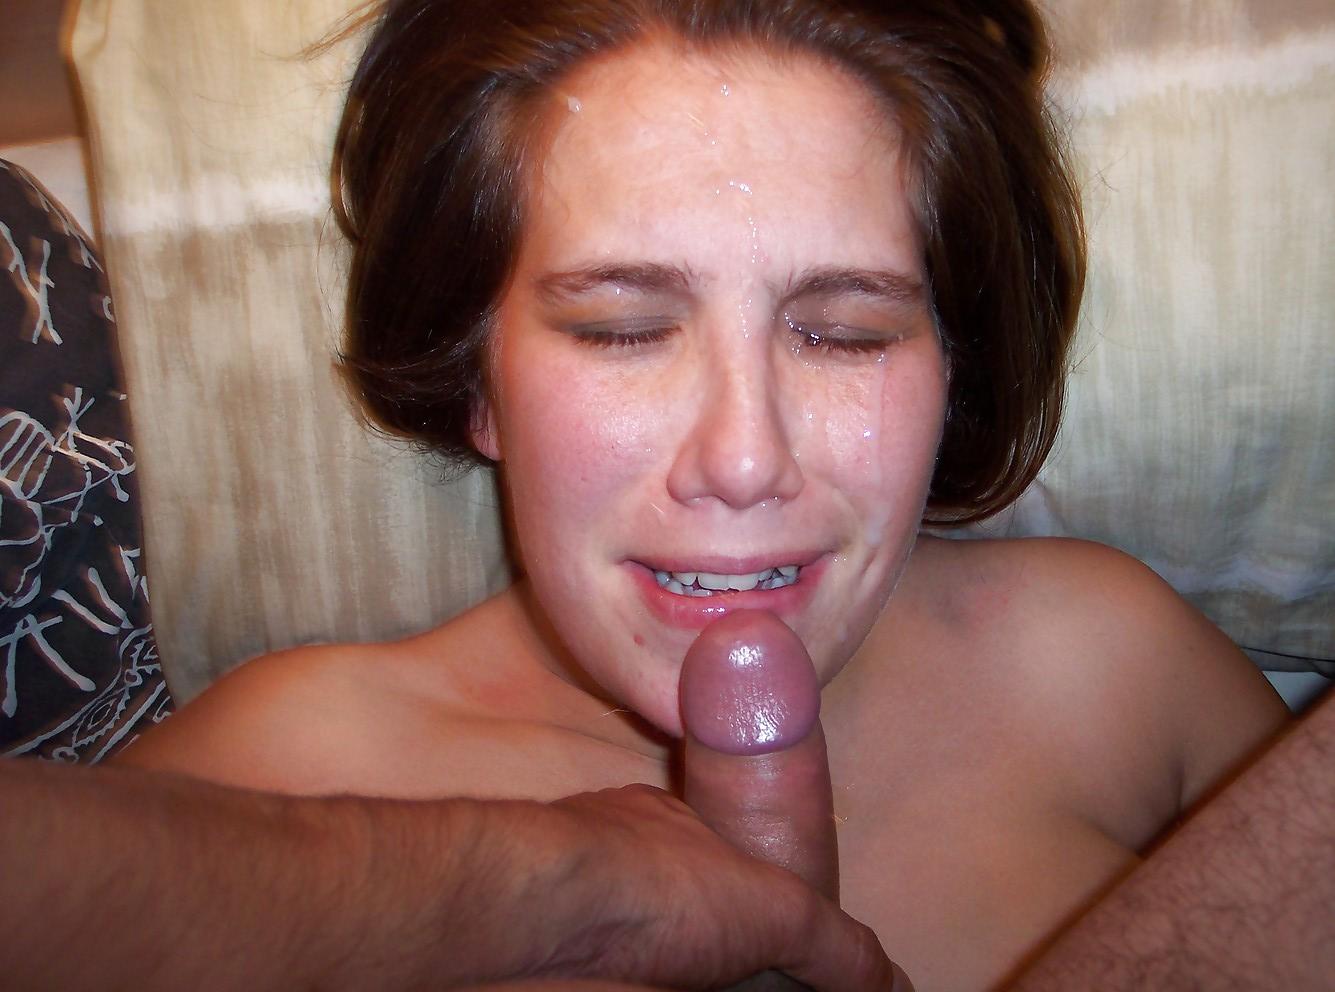 У себя дома любовник обкончал лицо голой пышечки смотреть эротику